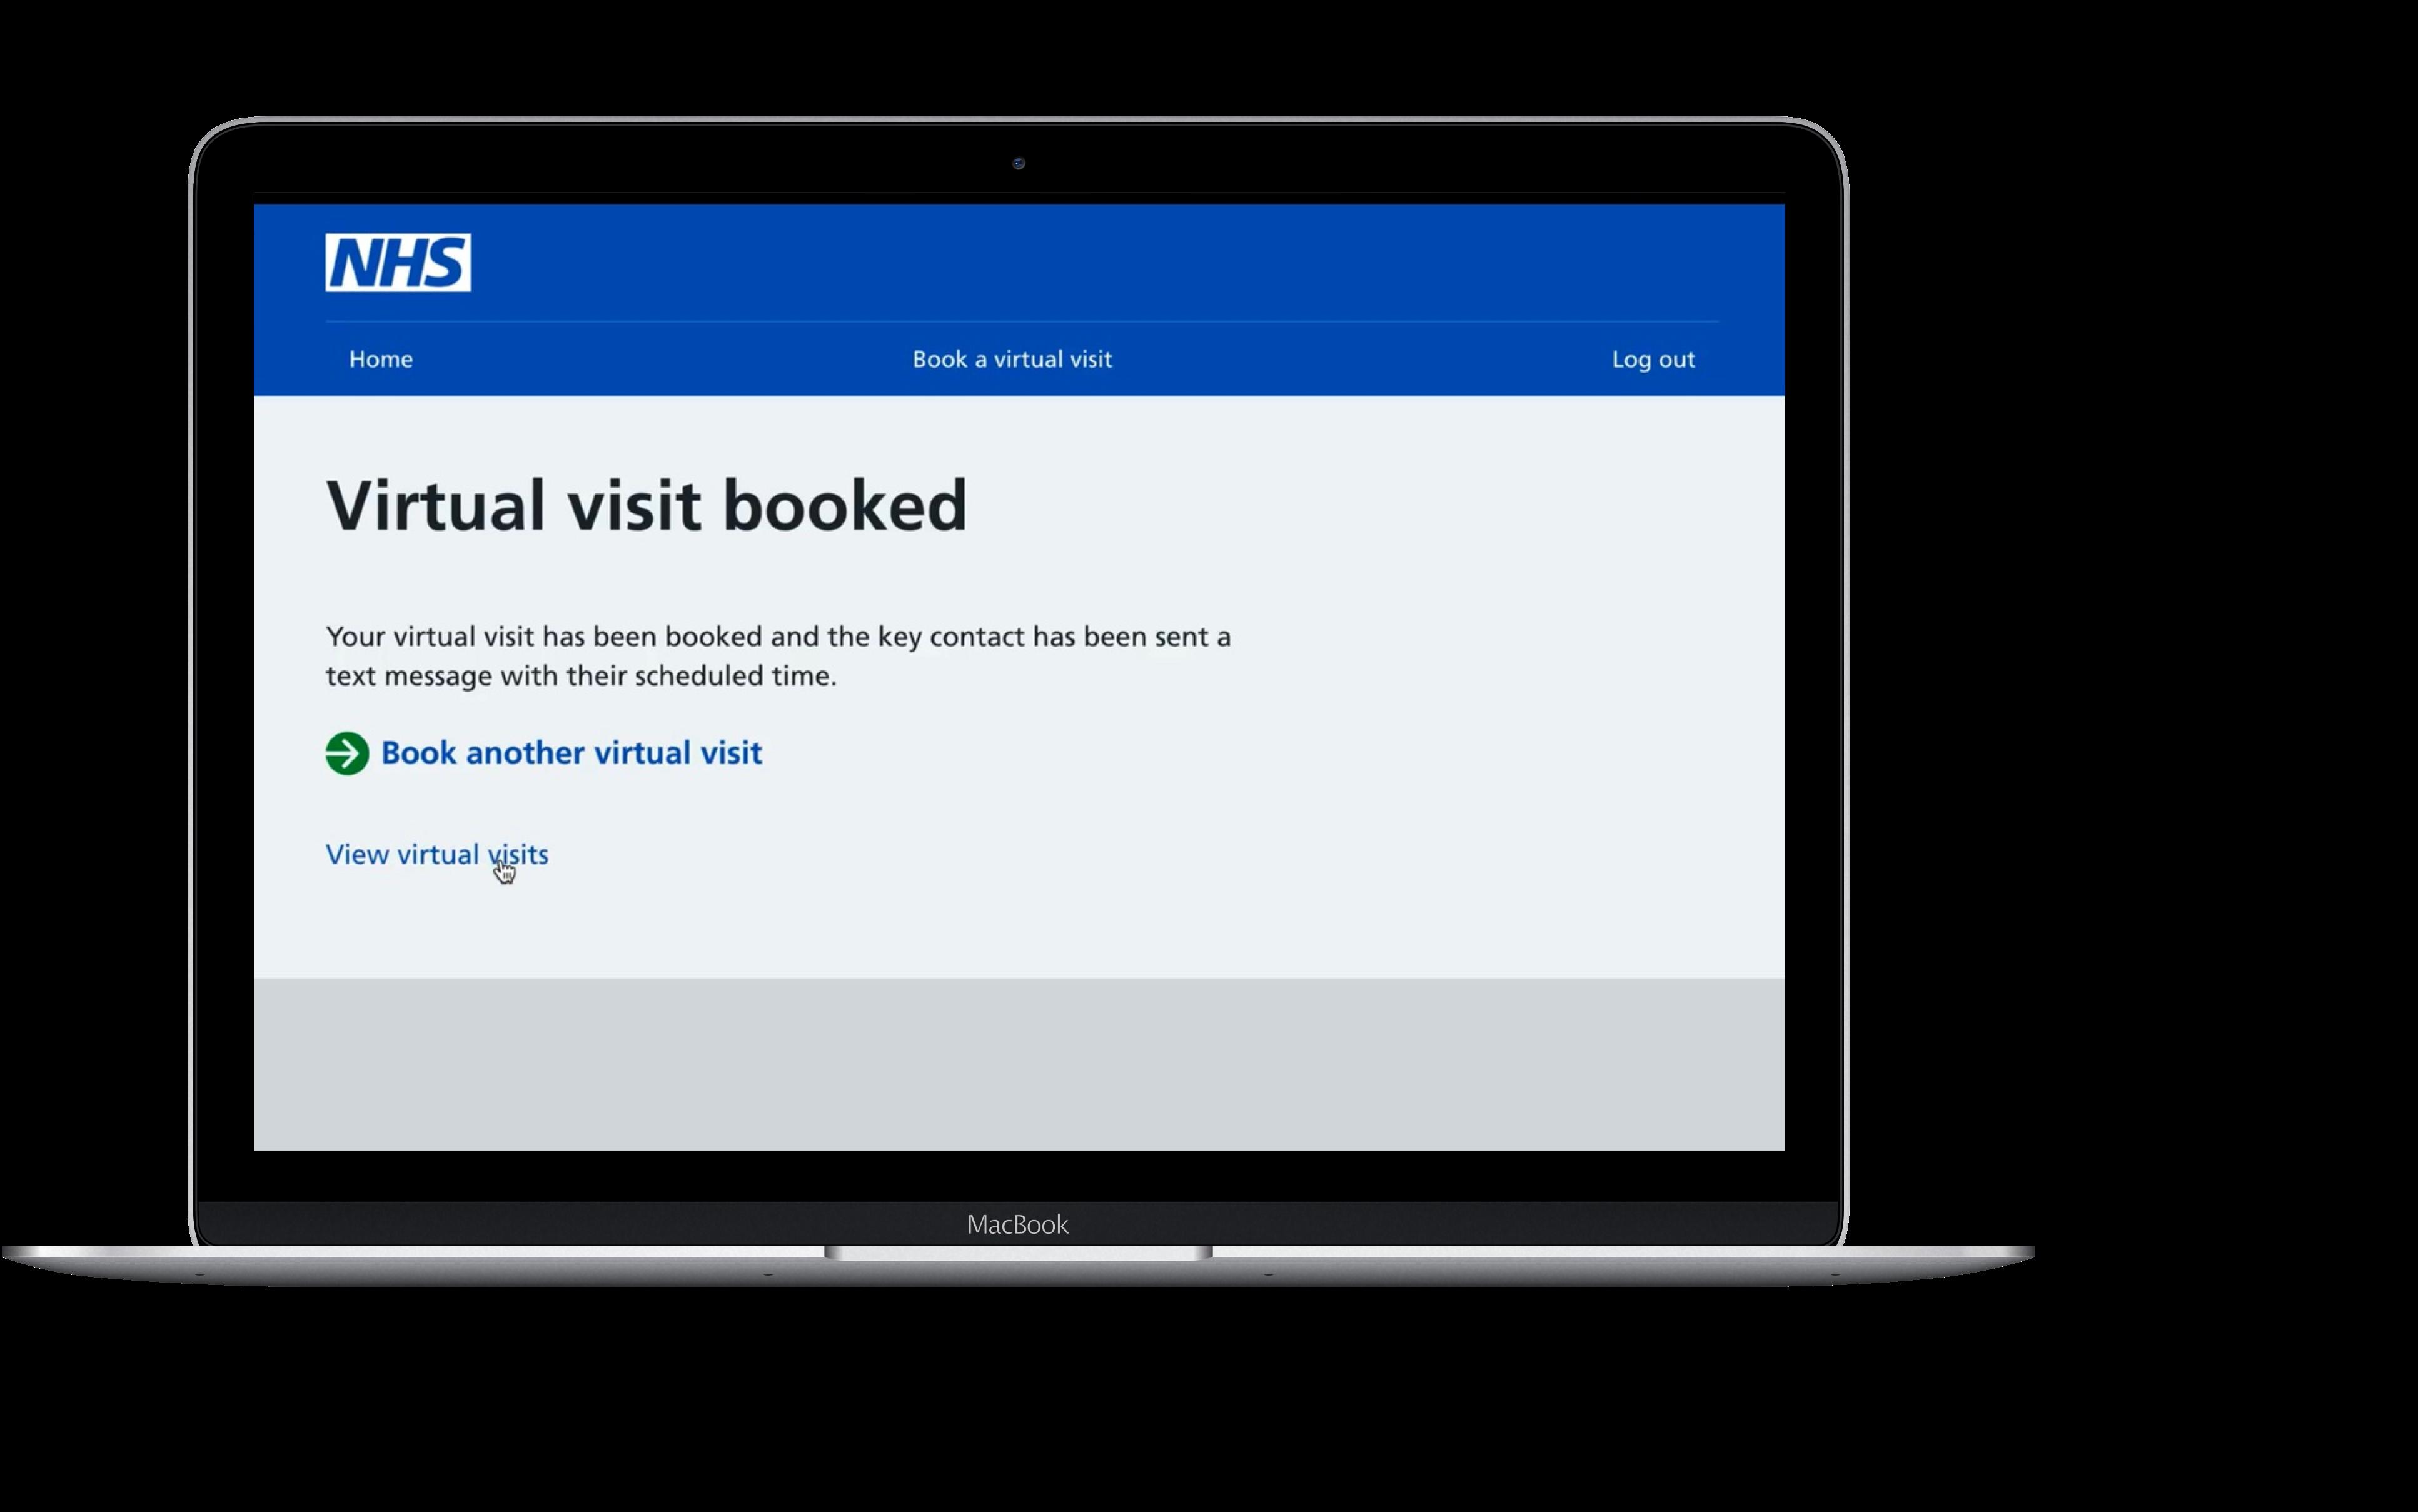 NHS Virtual visit booked laptop